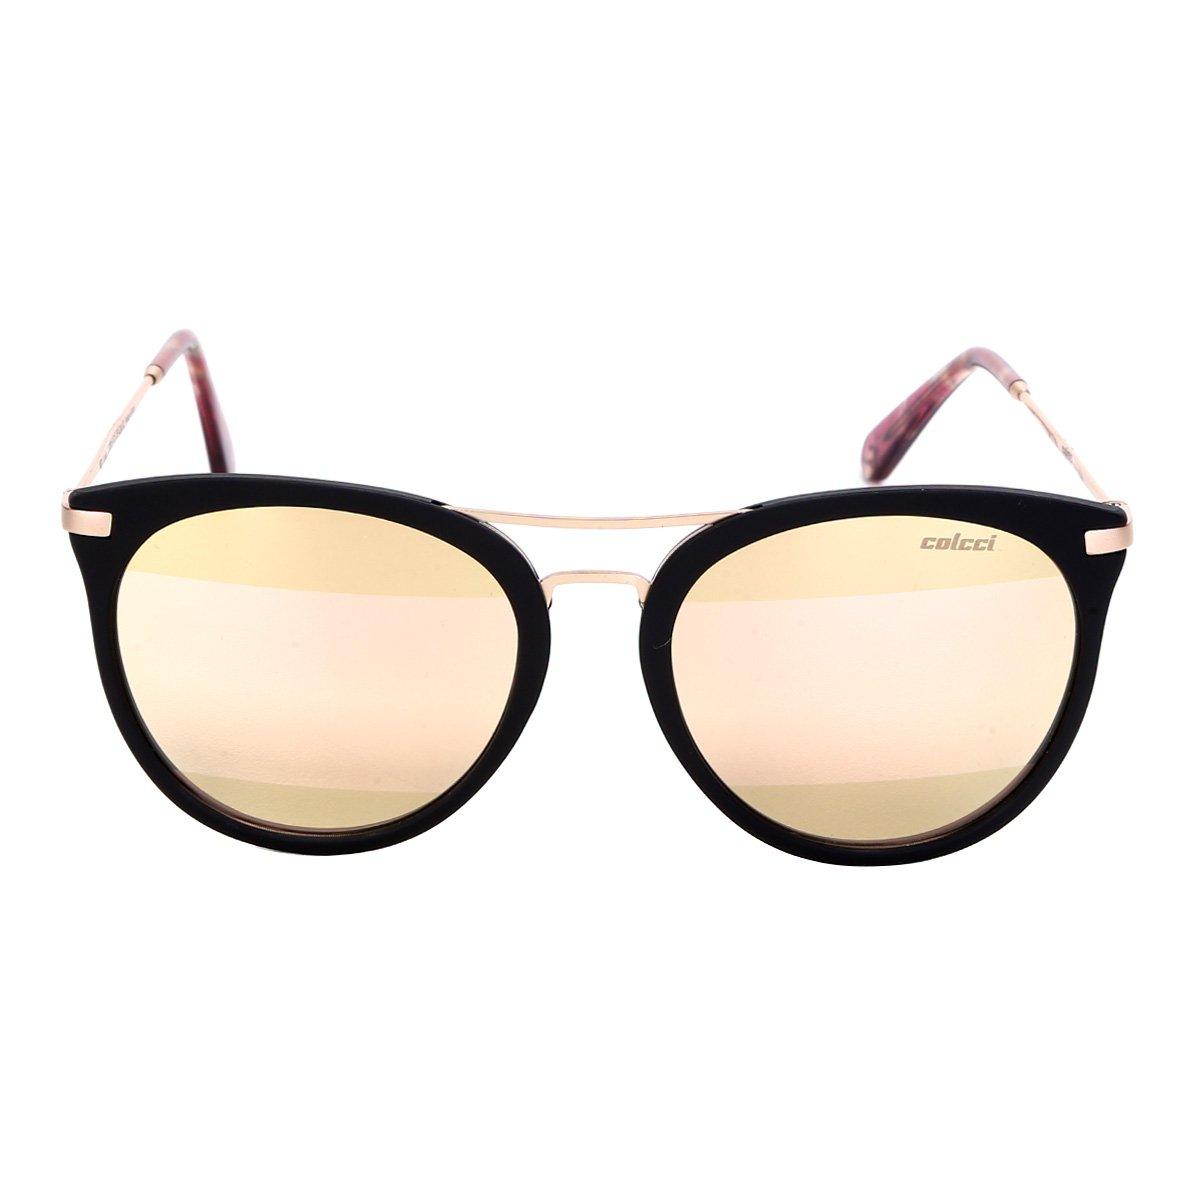 893a8a382 Óculos de Sol Colcci Tortoise Linda C0095 Feminino | Livelo -Sua ...